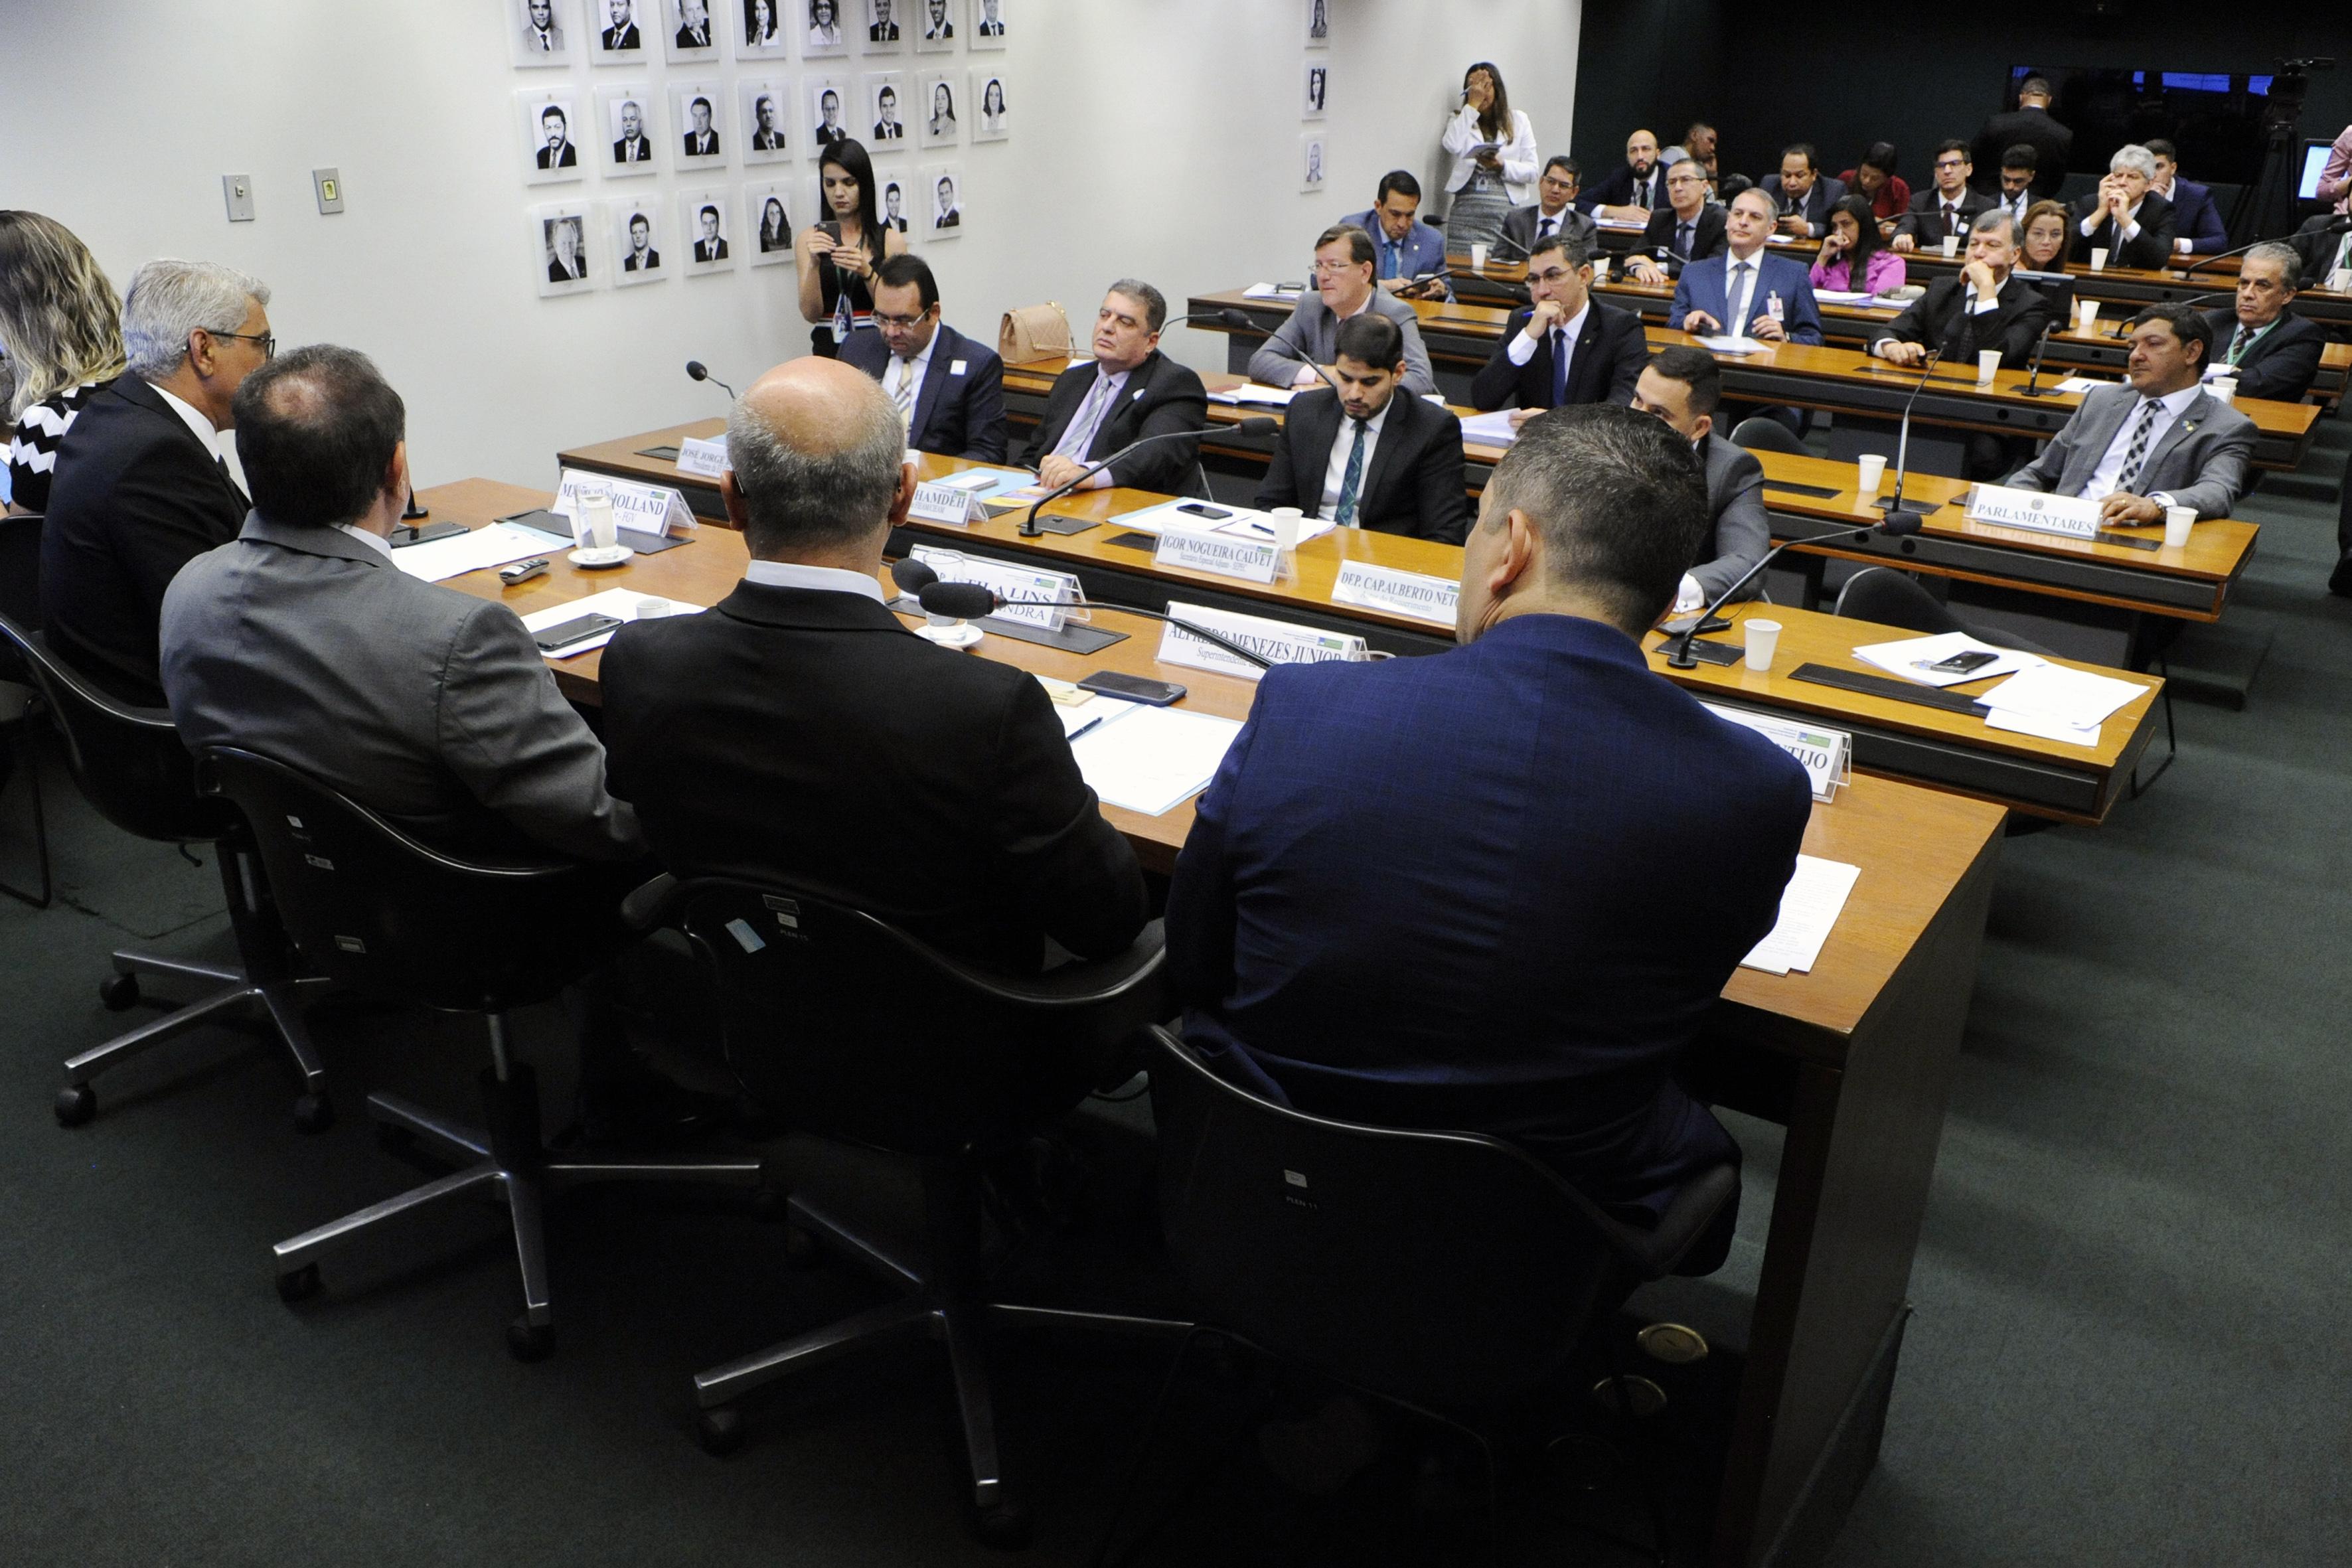 Audiência pública sobre a efetividade da ZFM em estudo da Fundação Getúlio Vargas